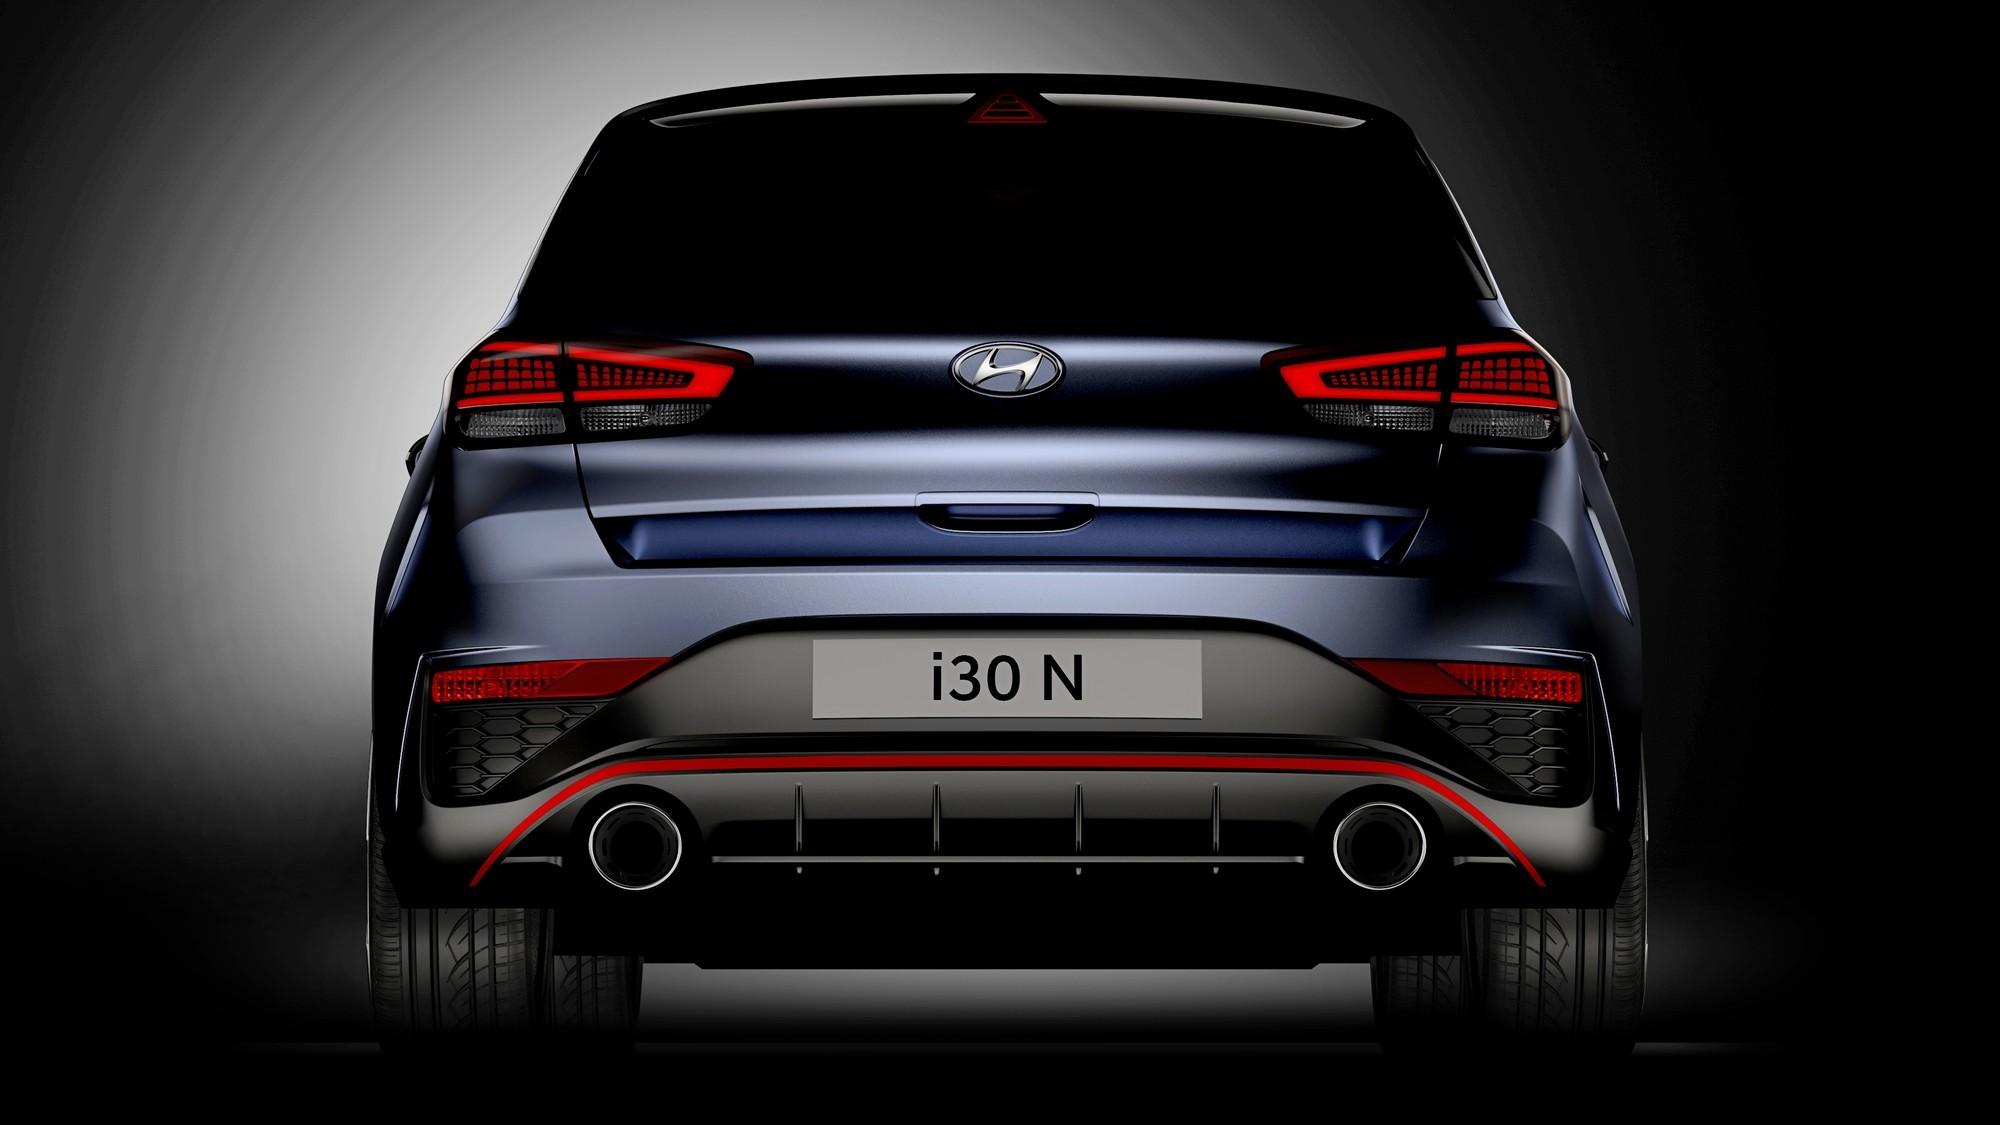 Обновлённый Hyundai i30 N: теперь с «роботом» и умной электроникой